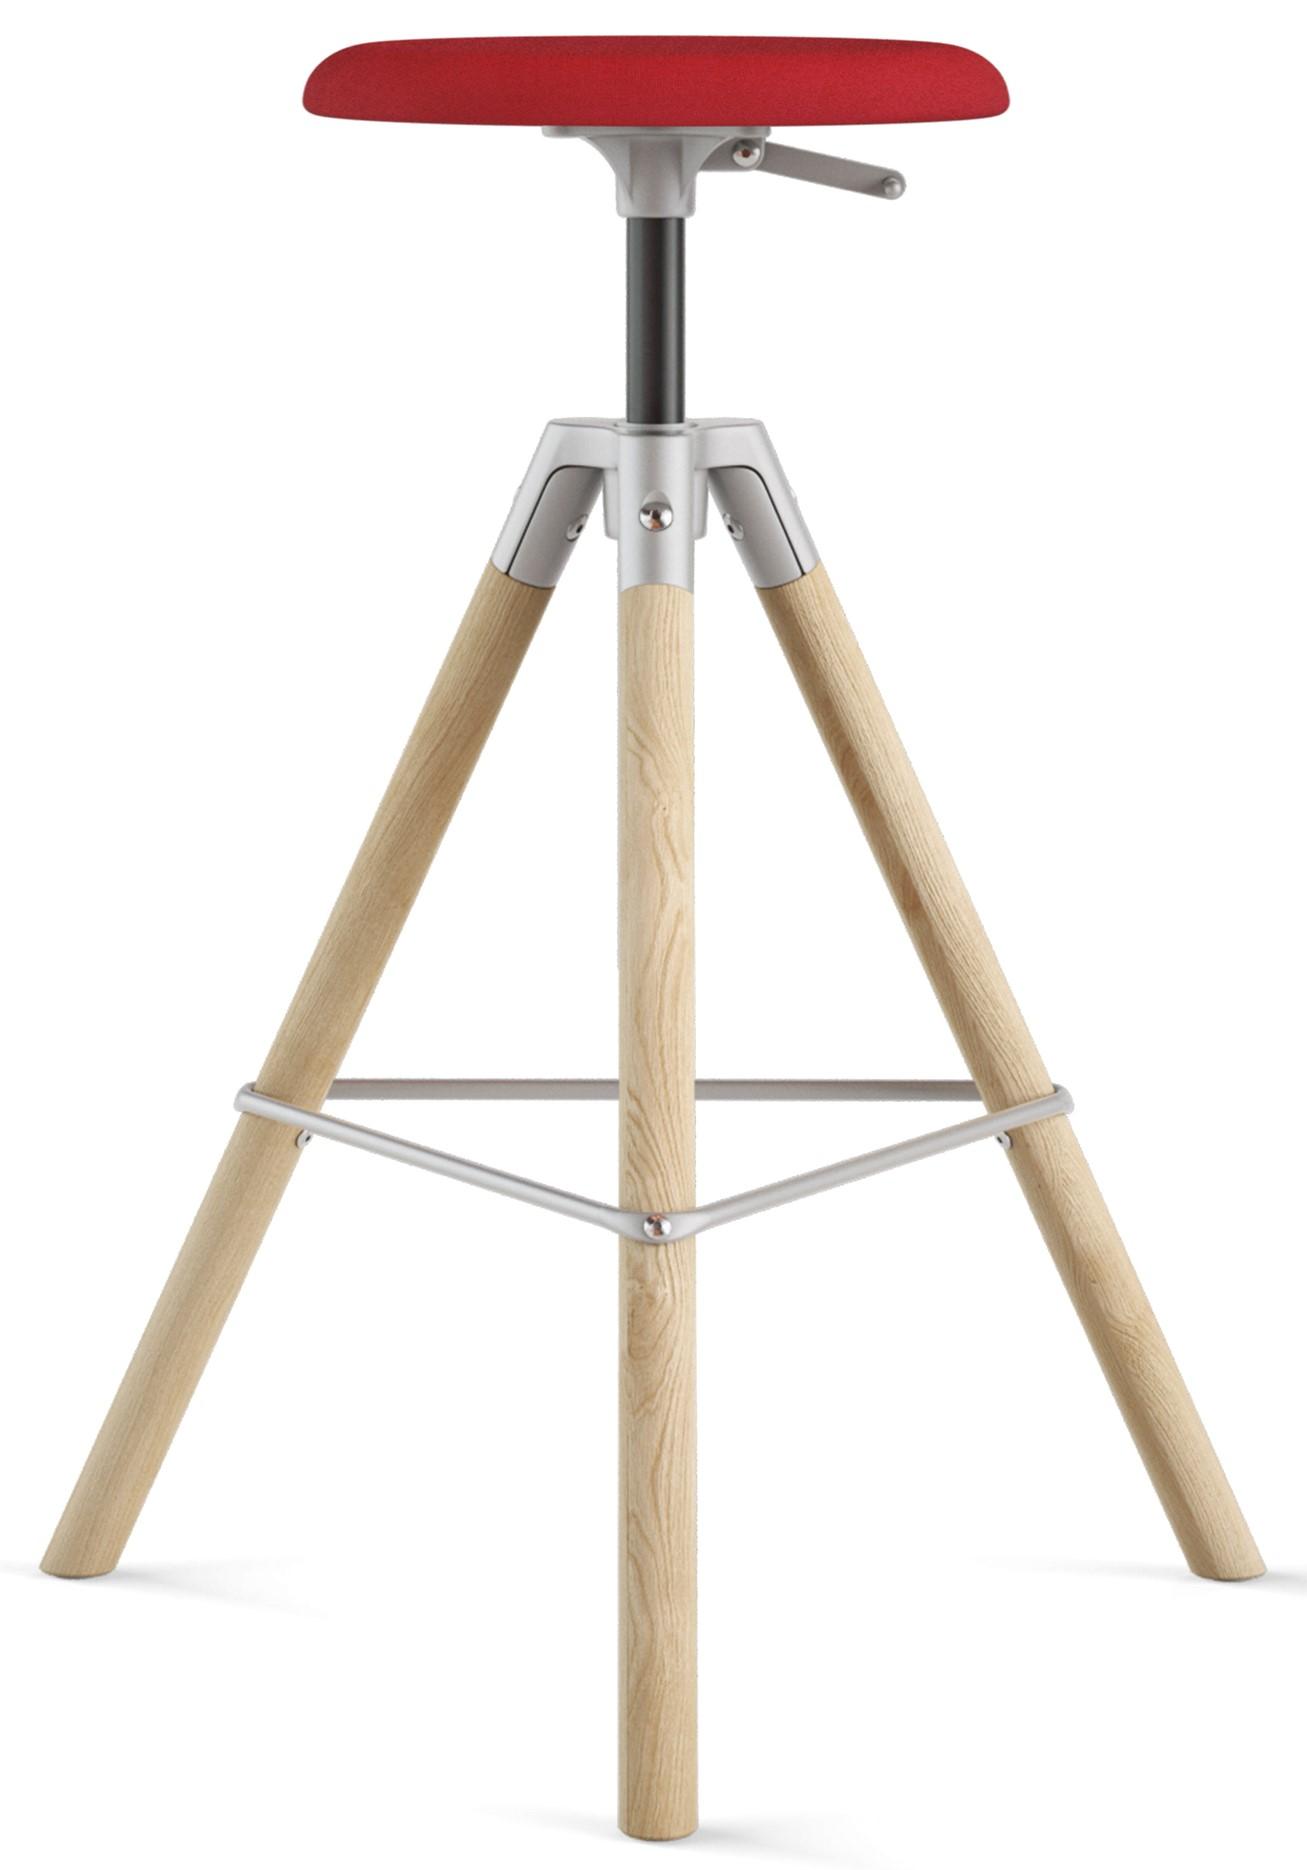 Girsberger Model 111 atelier Kruk